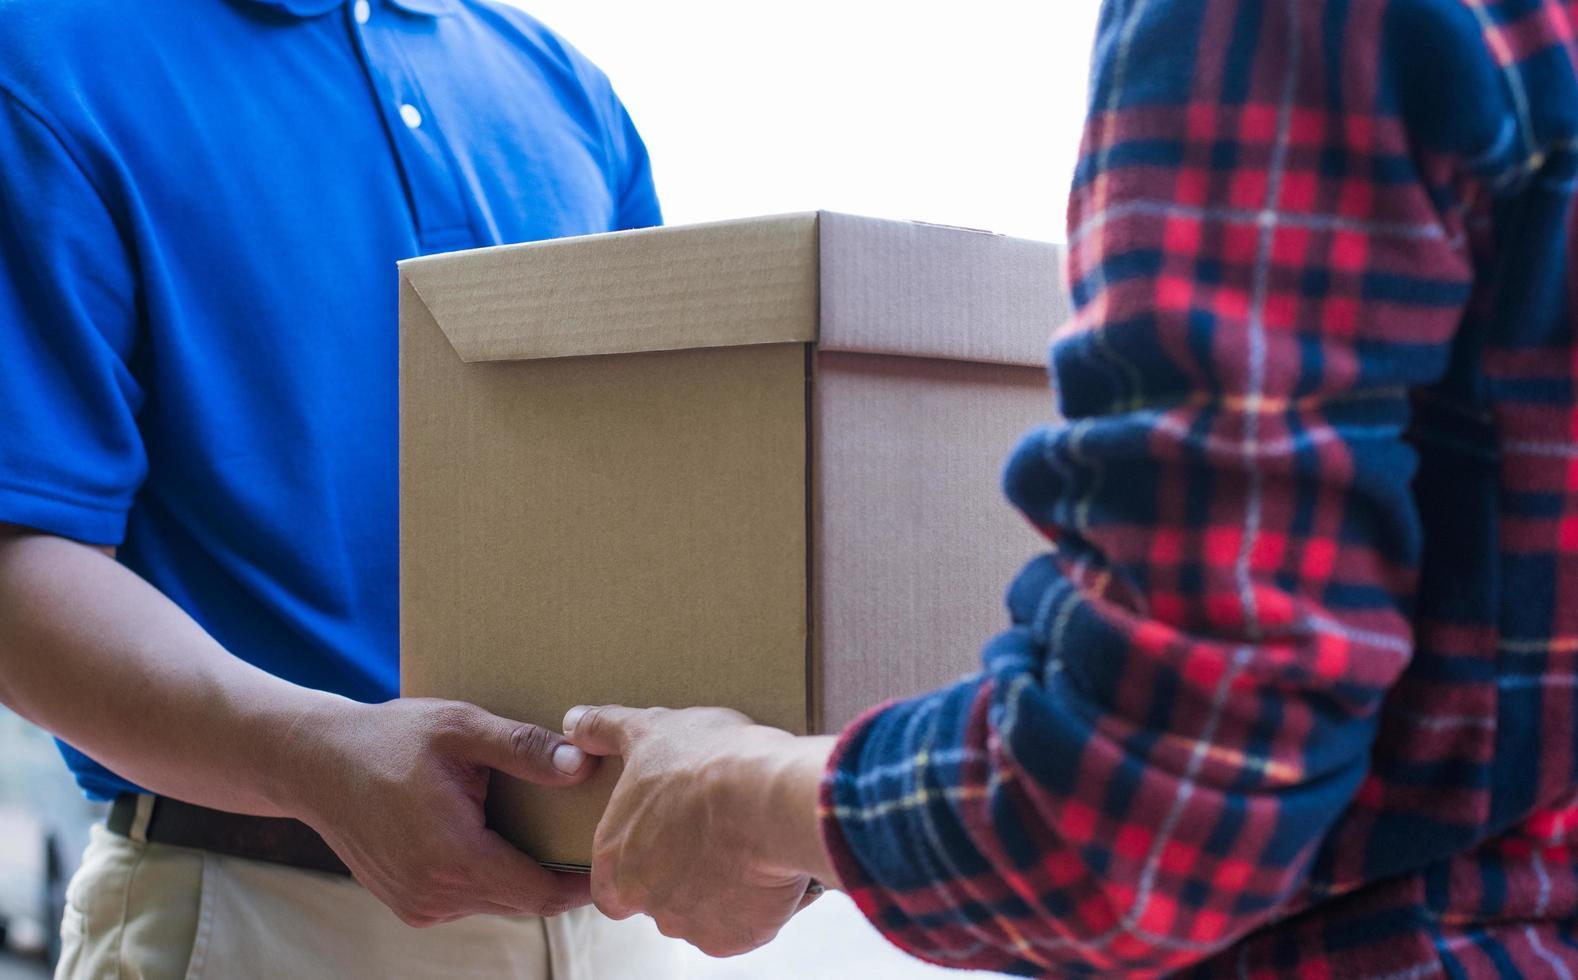 Zwei Männer bewegen eine Kiste foto